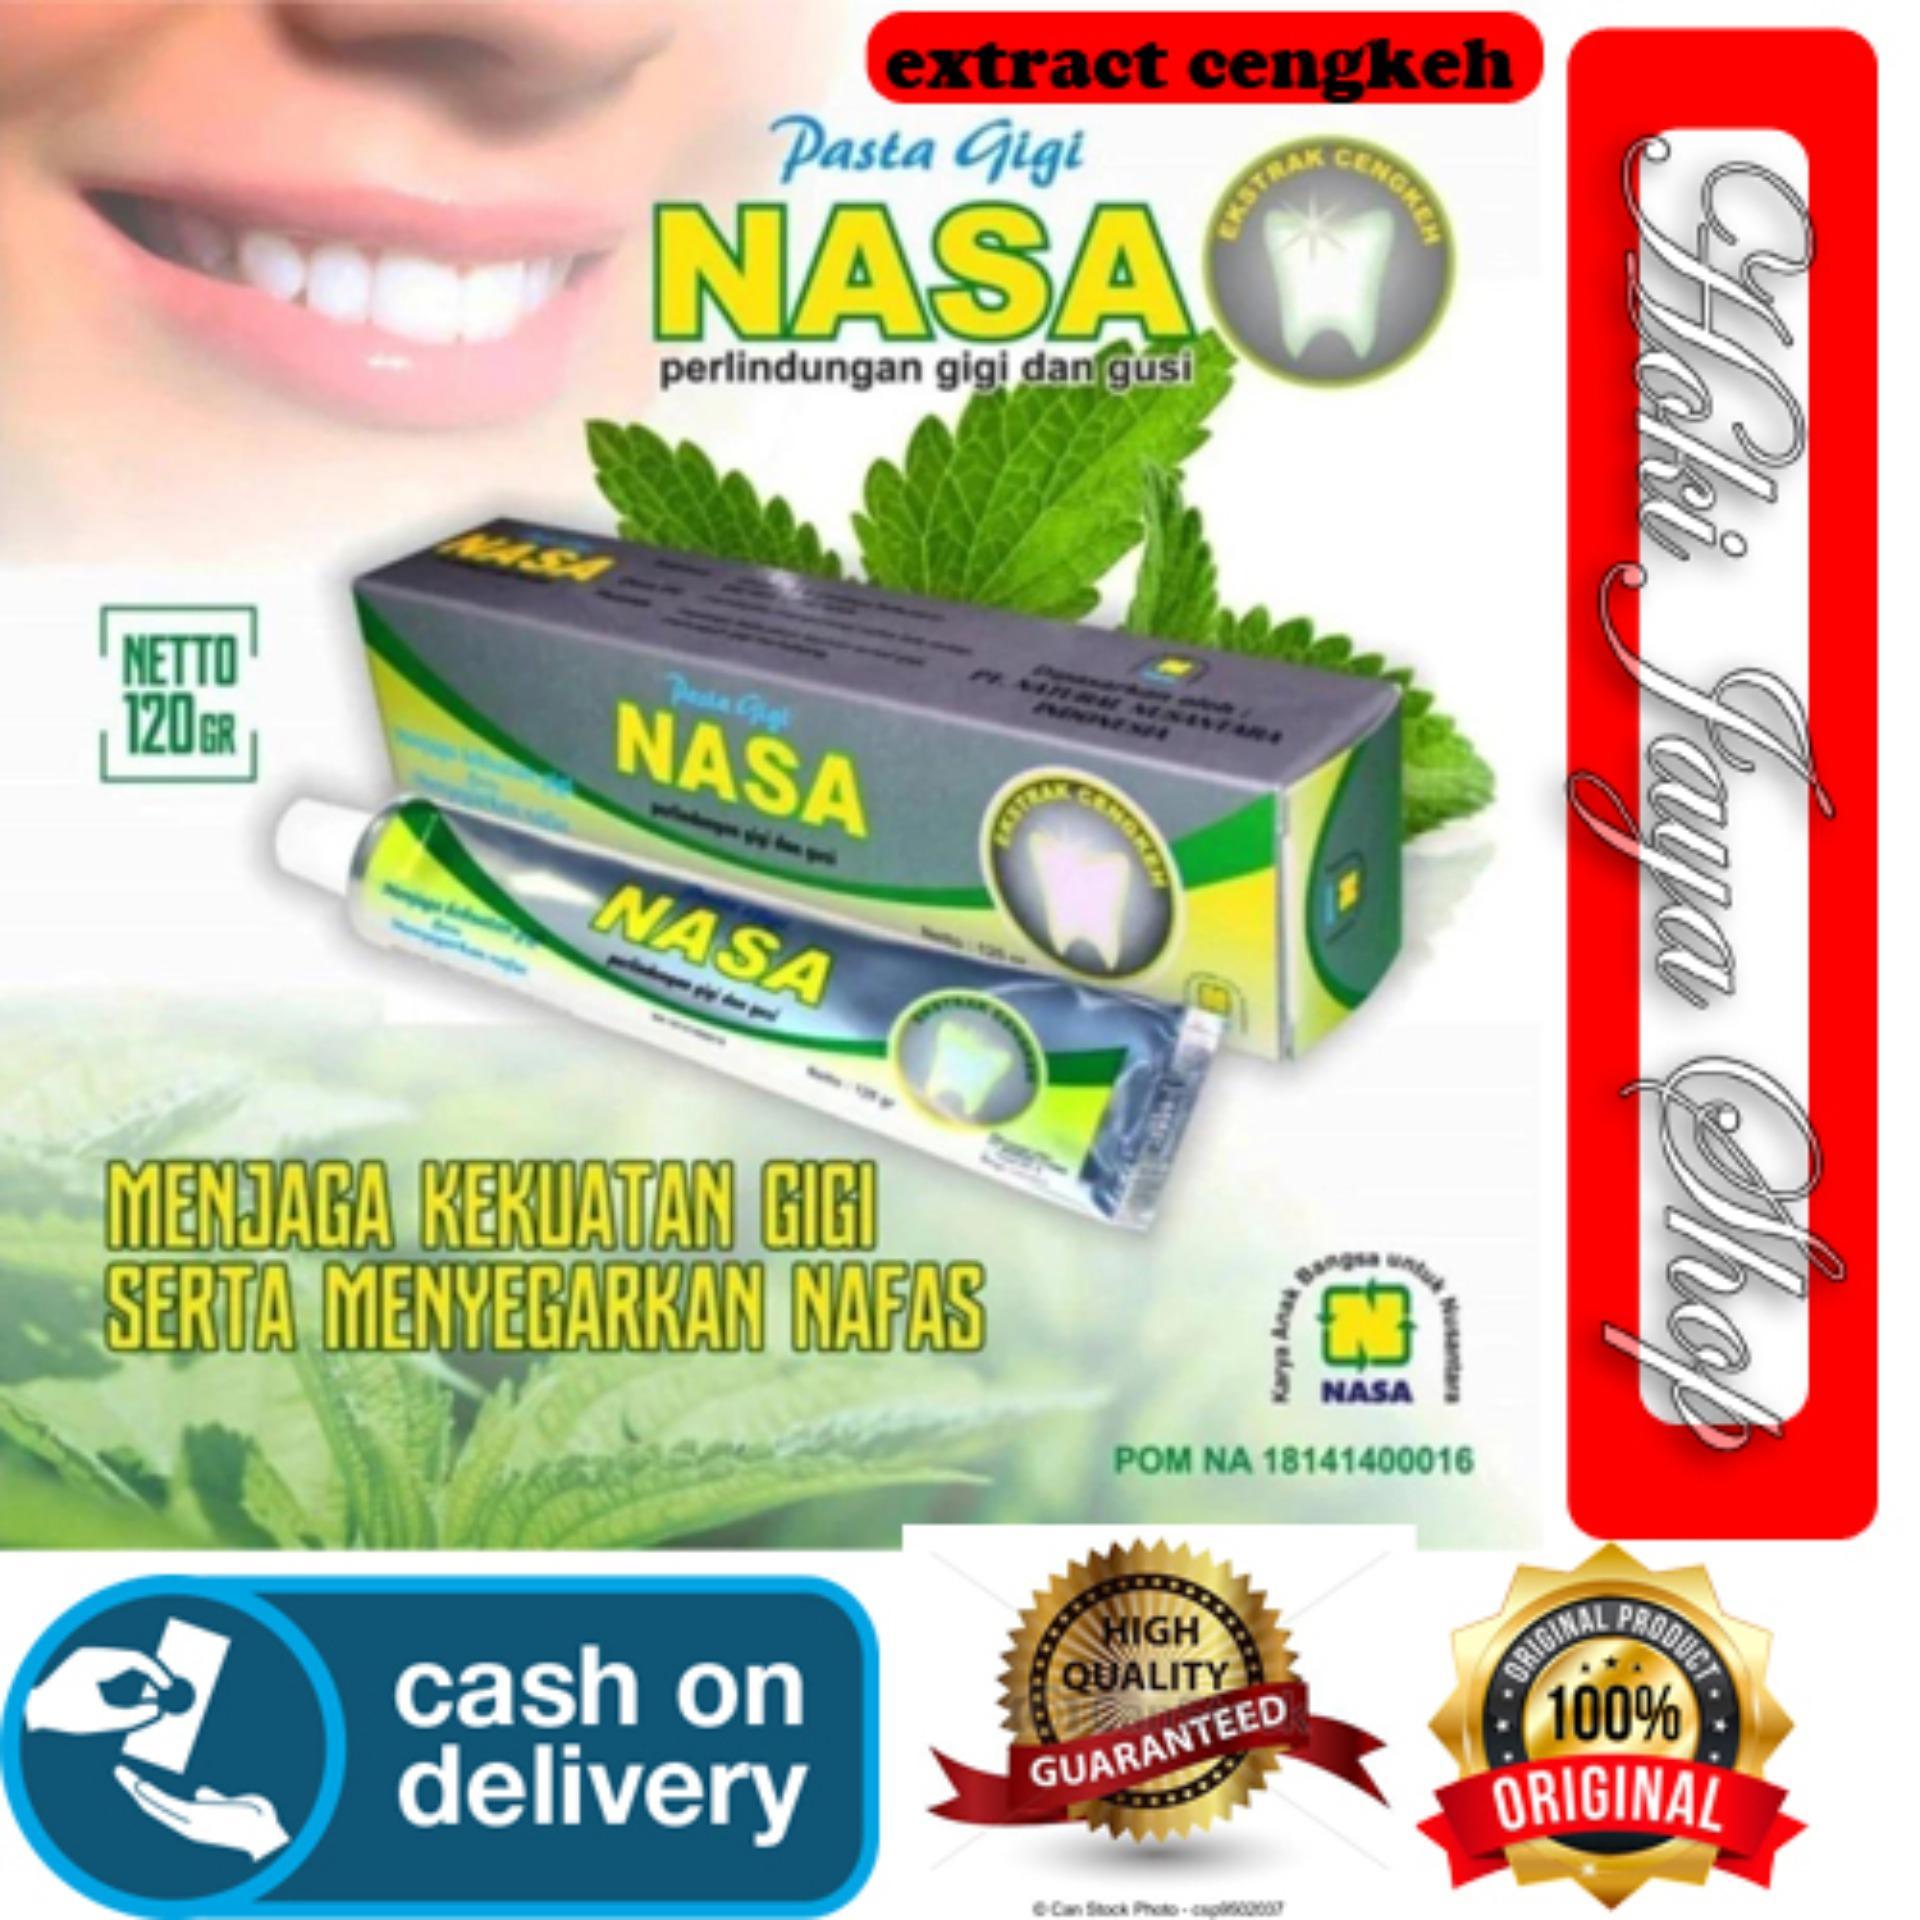 Pasta Gigi Colgate Cavity Protection Fresh Cool Mint 180g 4 Pcs Hoki Cod Nasa Odol Original 100 Sikat Herbal Dengan Ekstrak Cengkeh